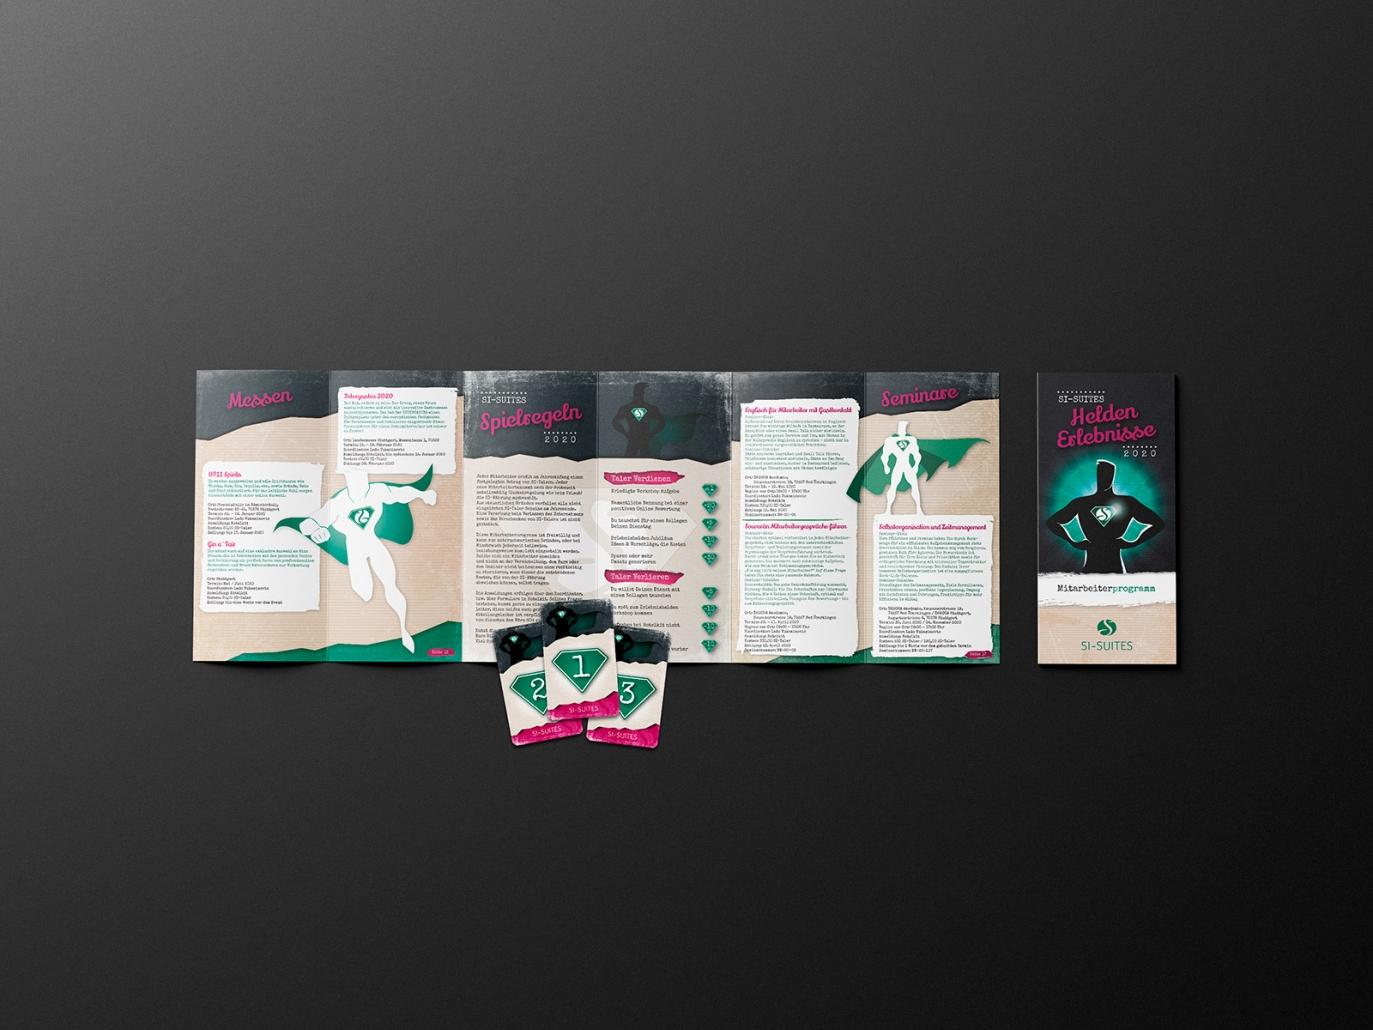 Broschüre / Mitarbeiterprogramm für SI-SUITES